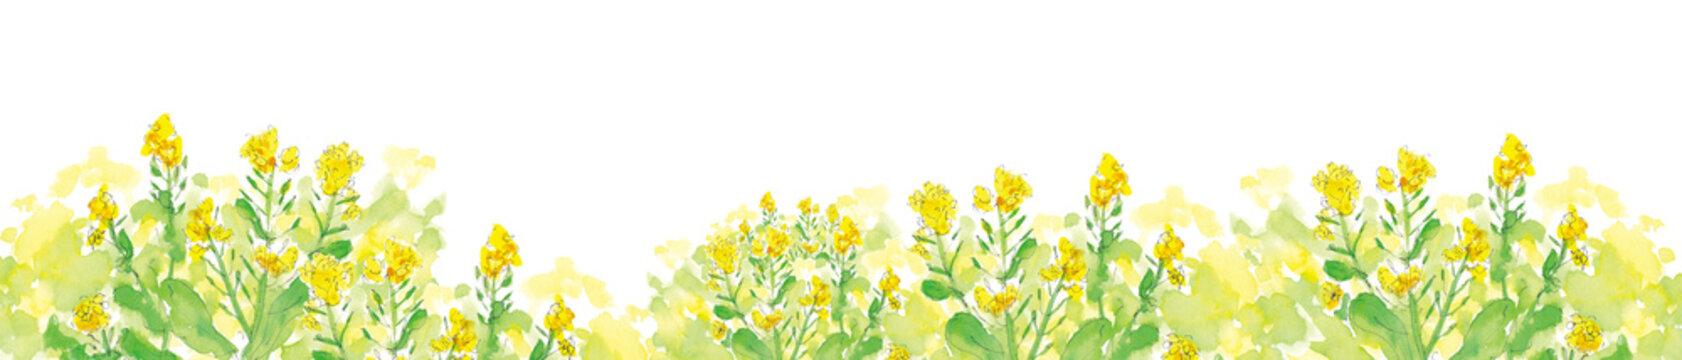 菜の花の咲く道、水彩イラスト